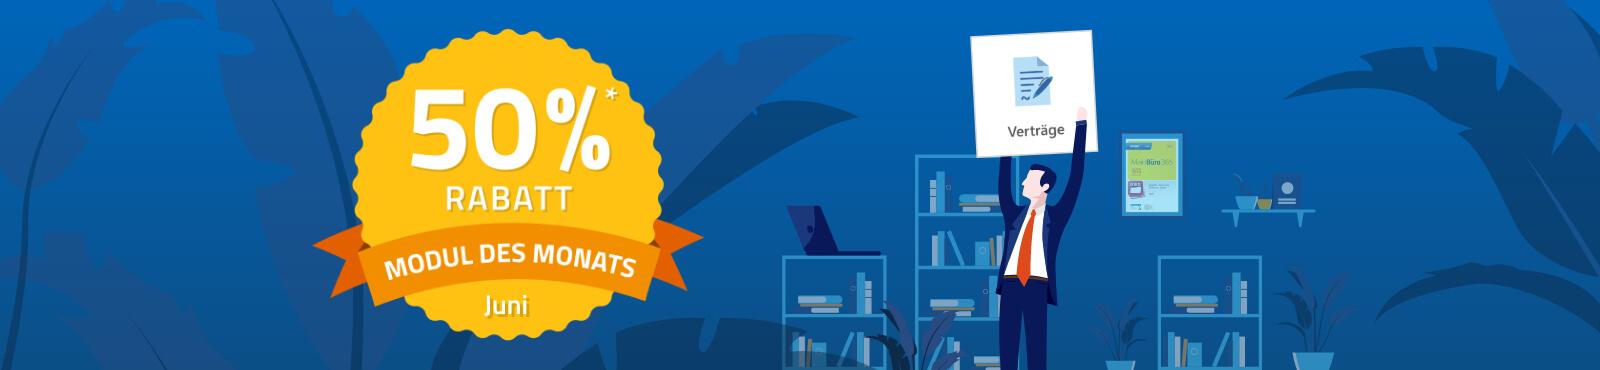 Modul des Monats: Profi-Vertragsmanagement zum halben Preis